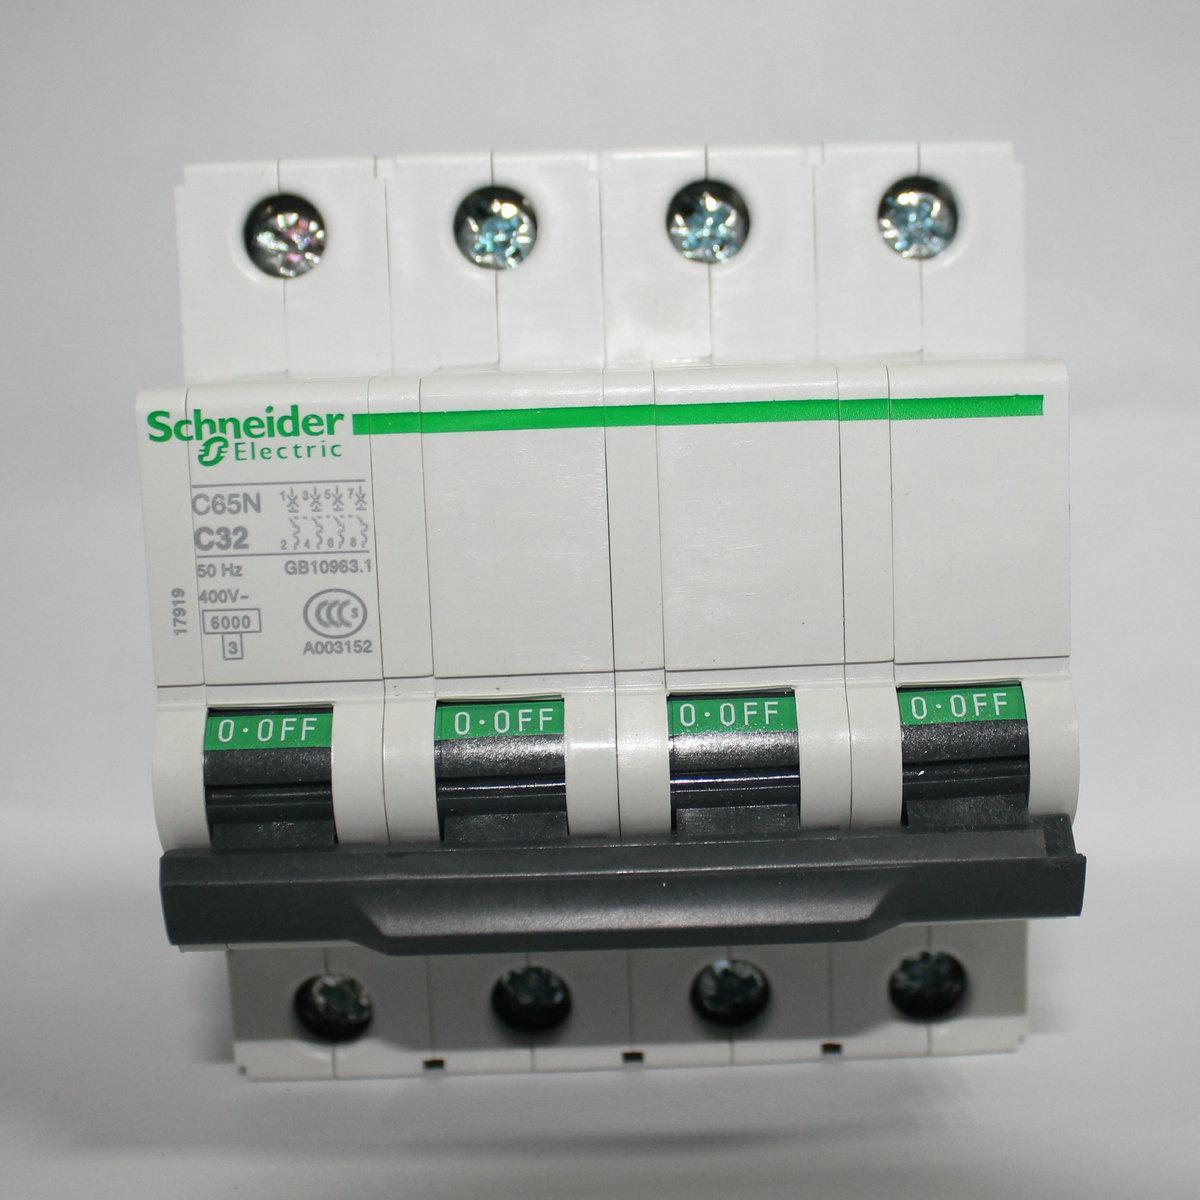 施耐德(天津)原产正品C65系列小型断路器IC65N 4P D63A